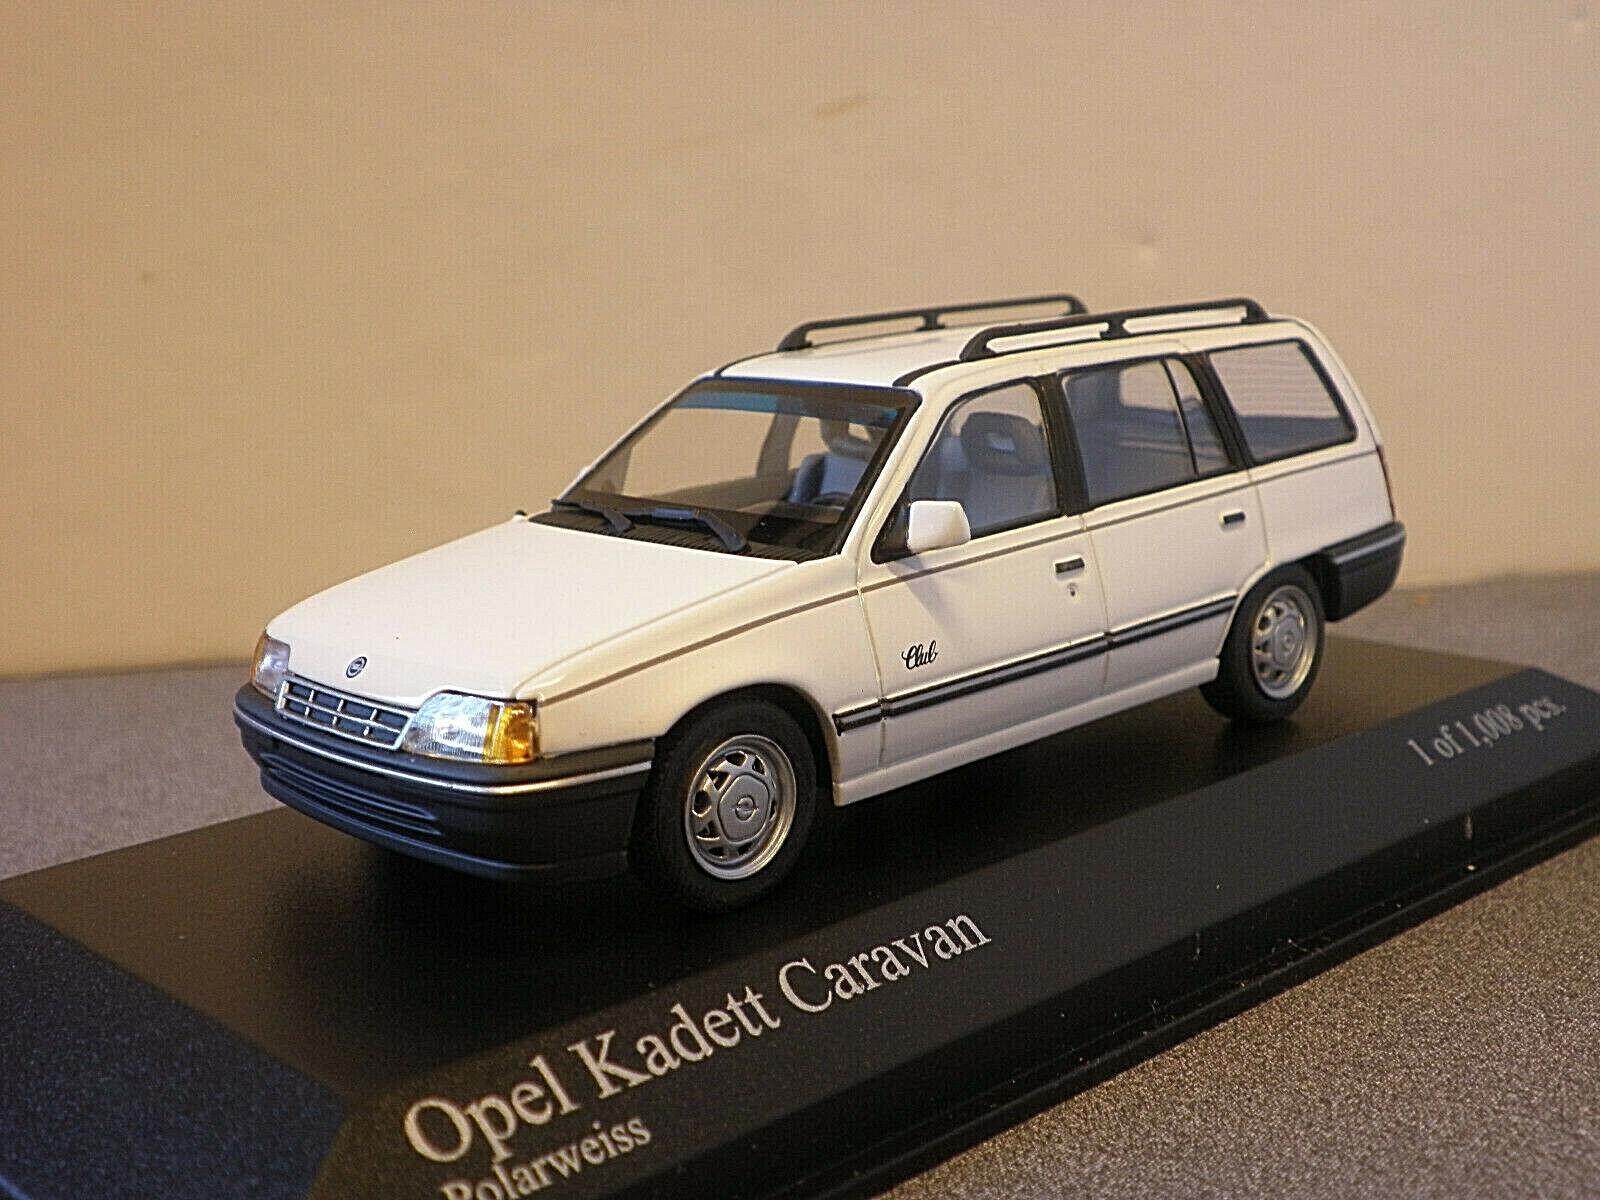 Mercancía de alta calidad y servicio conveniente y honesto. Minichamps 400 045911 OPEL KADETT Vauxhall Astra Estate en blancoo blancoo blancoo 1989 1 43rd  tienda de venta en línea